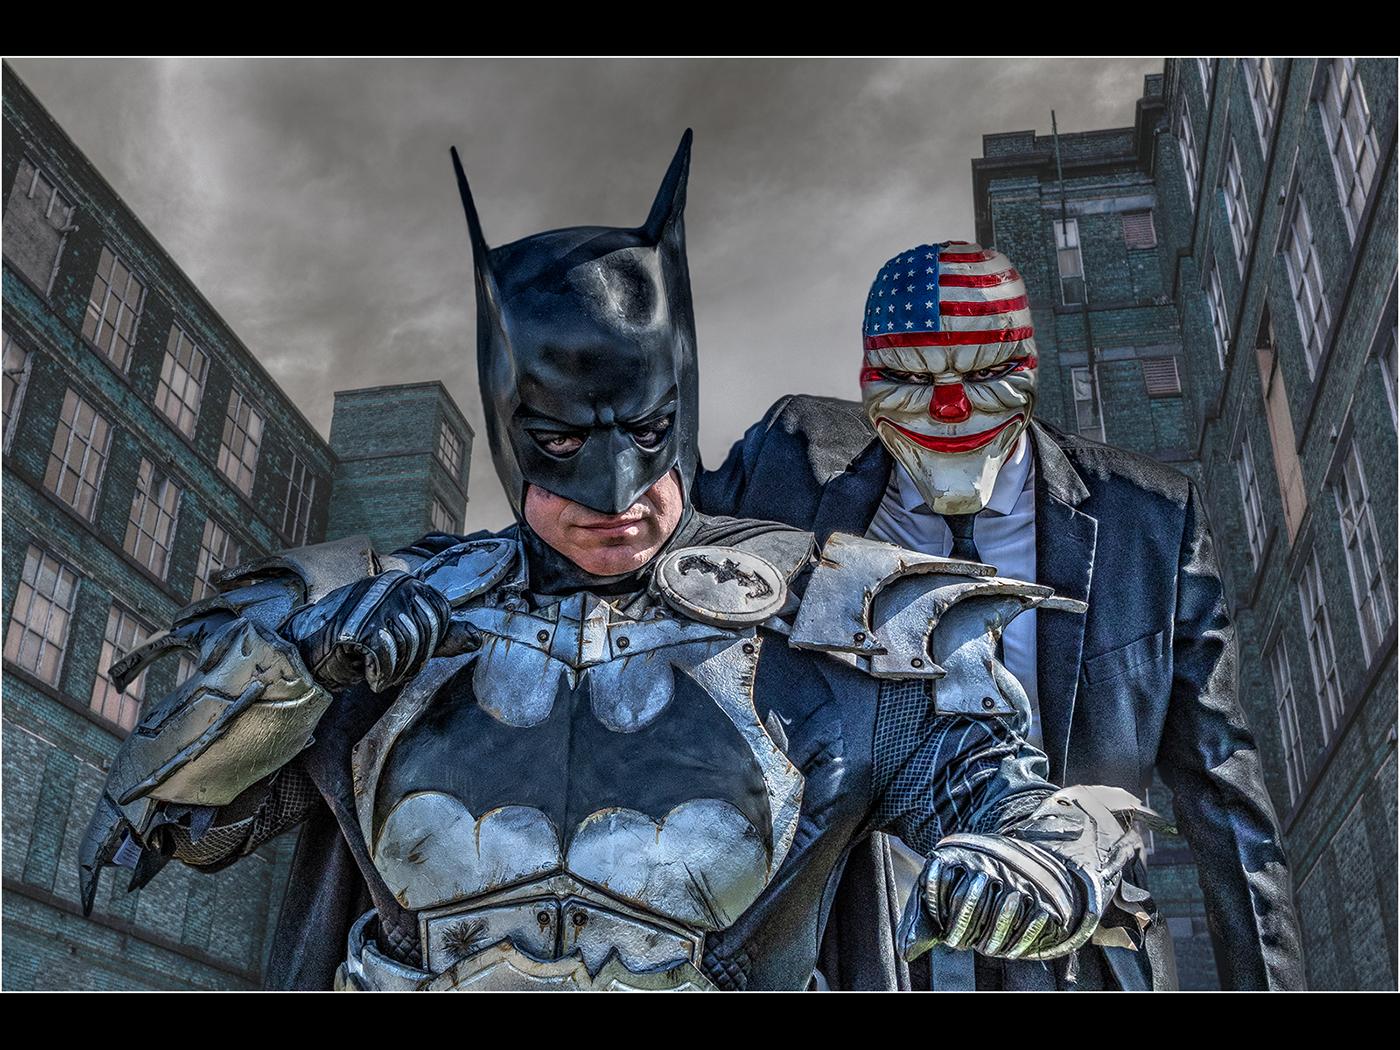 056  Super heroes